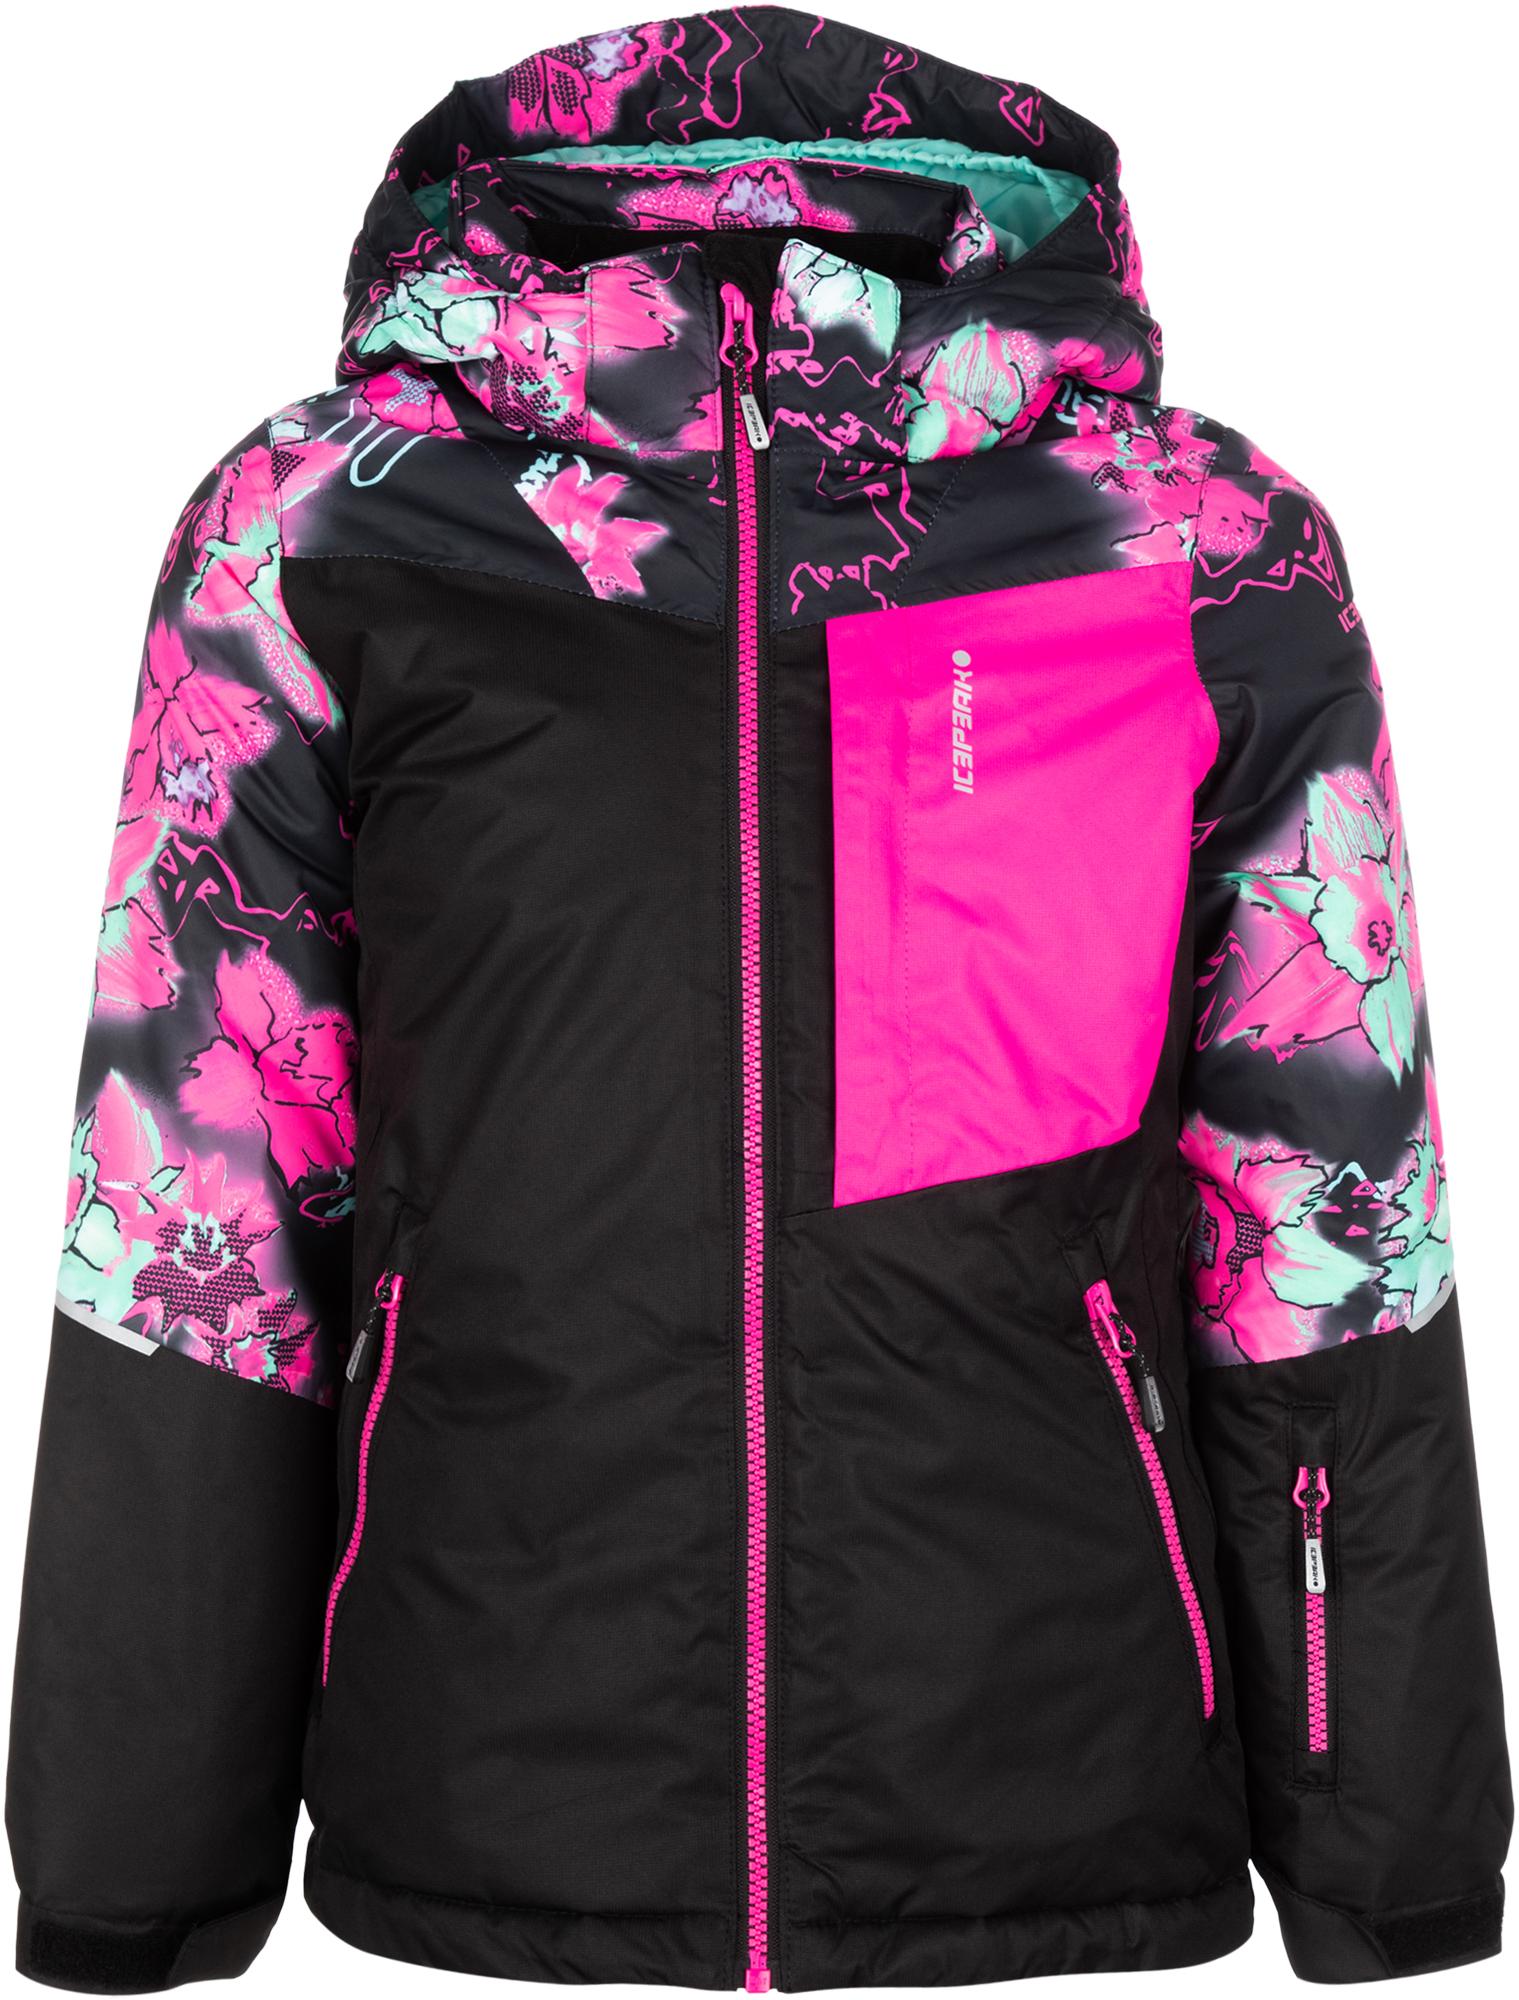 IcePeak Куртка утепленная для девочек Leeds JR, размер 164